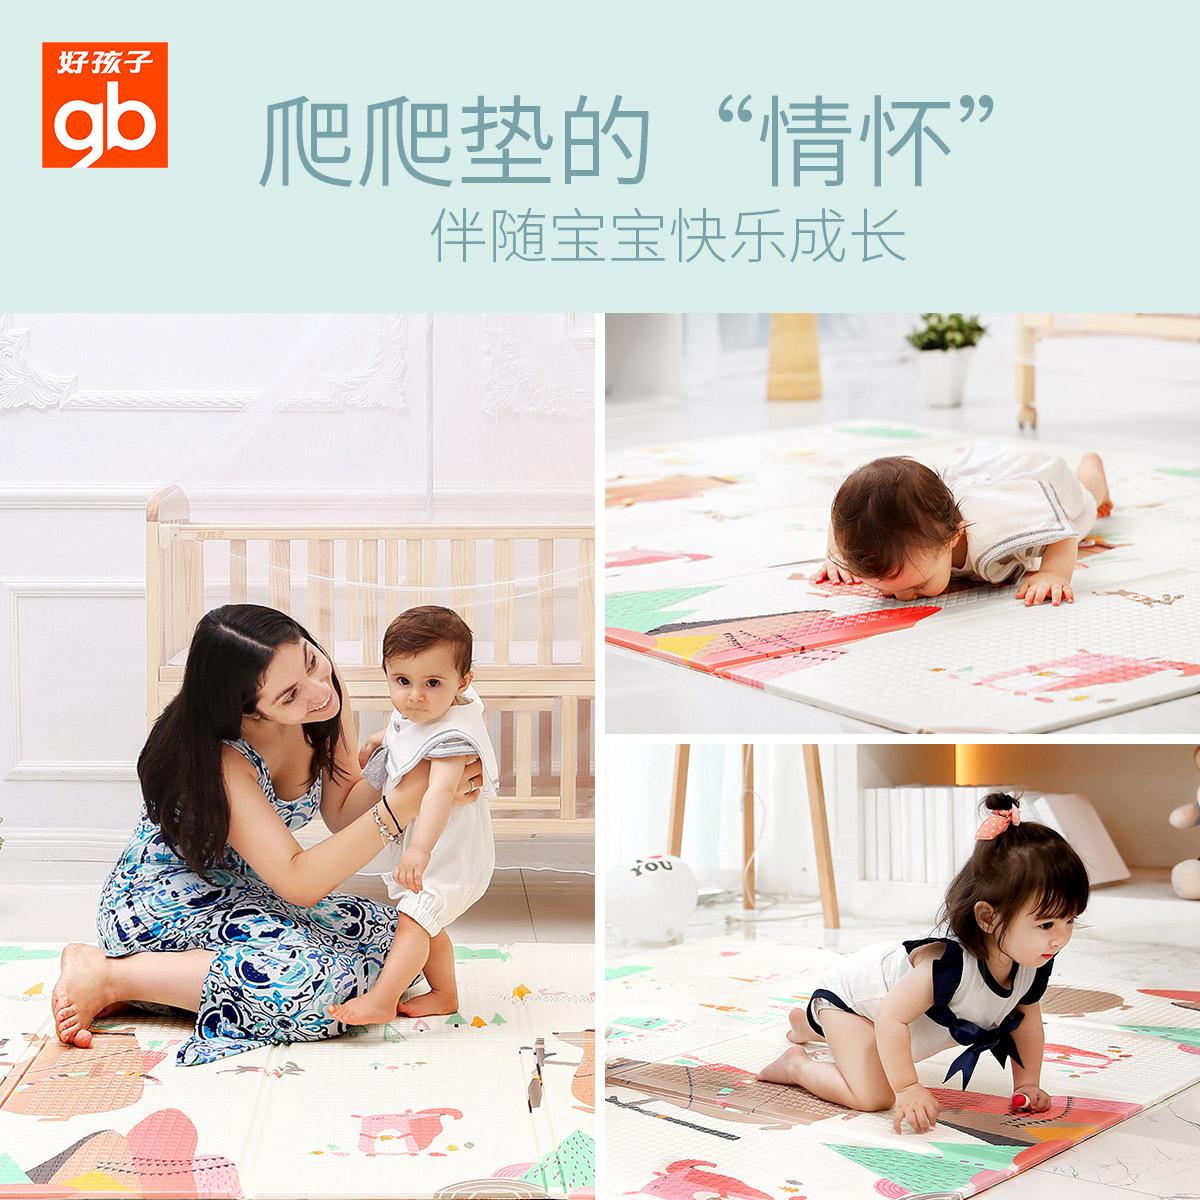 好孩子宝宝爬行垫加厚可折叠婴儿童环保泡沫地垫儿童游戏毯爬爬垫